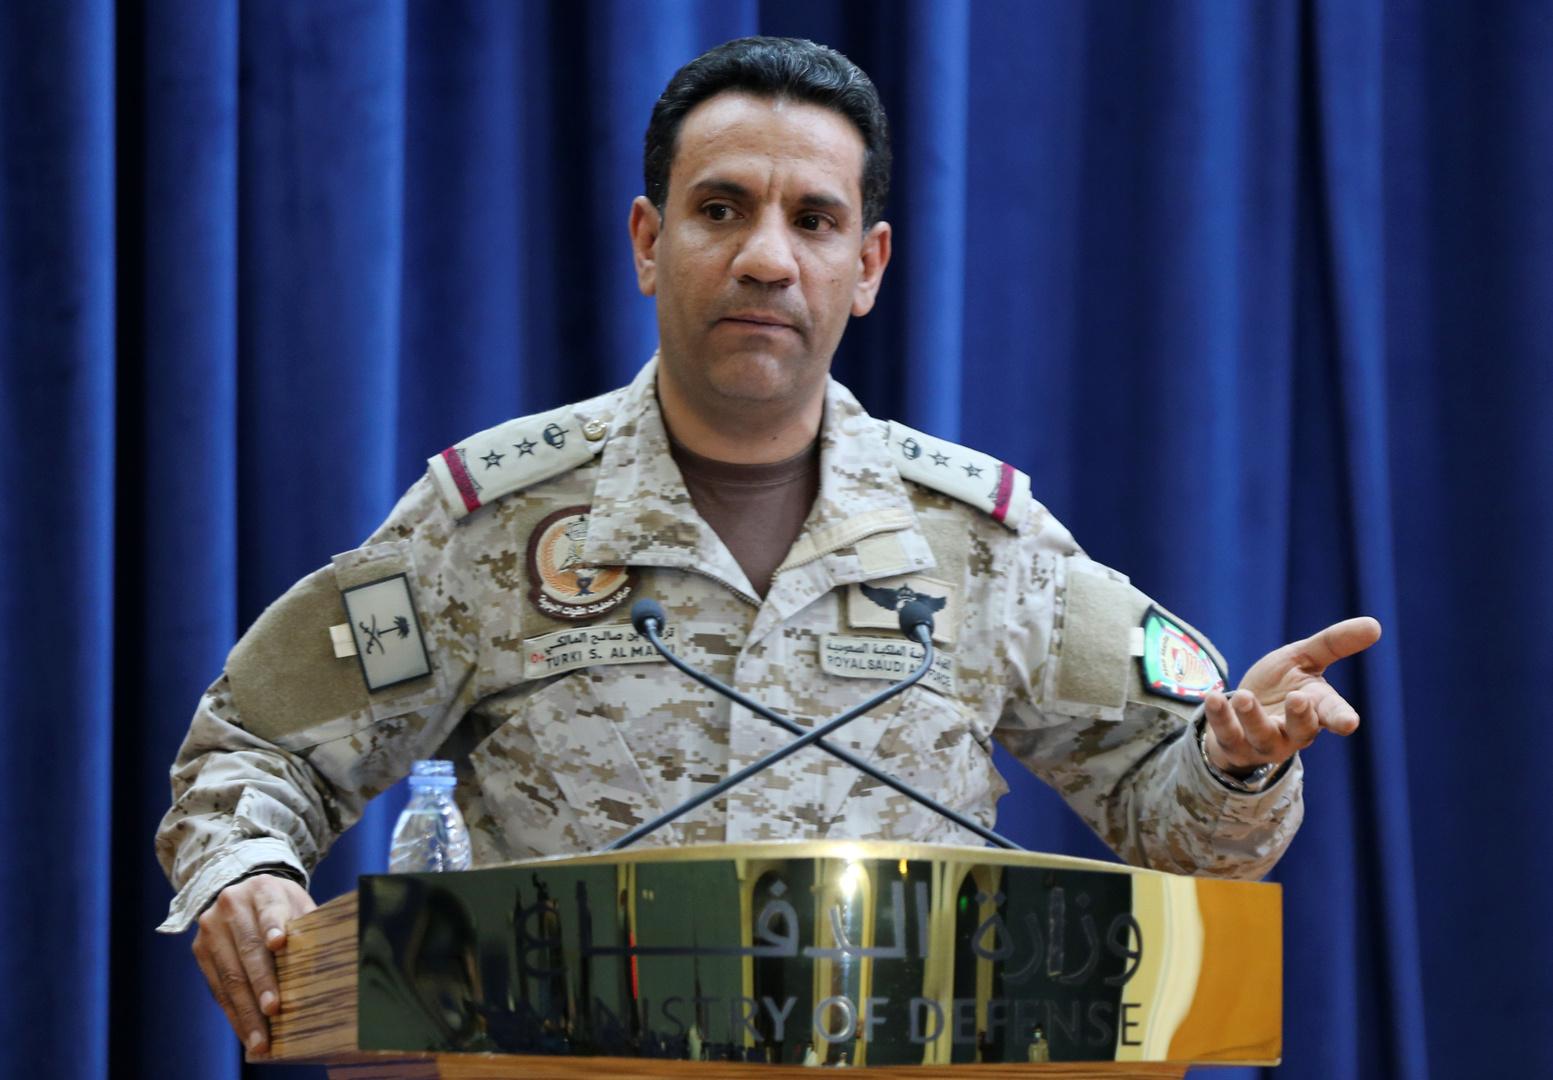 التحالف العربي: الحوثيون متورطون في حريق خزان الوقود في جدة